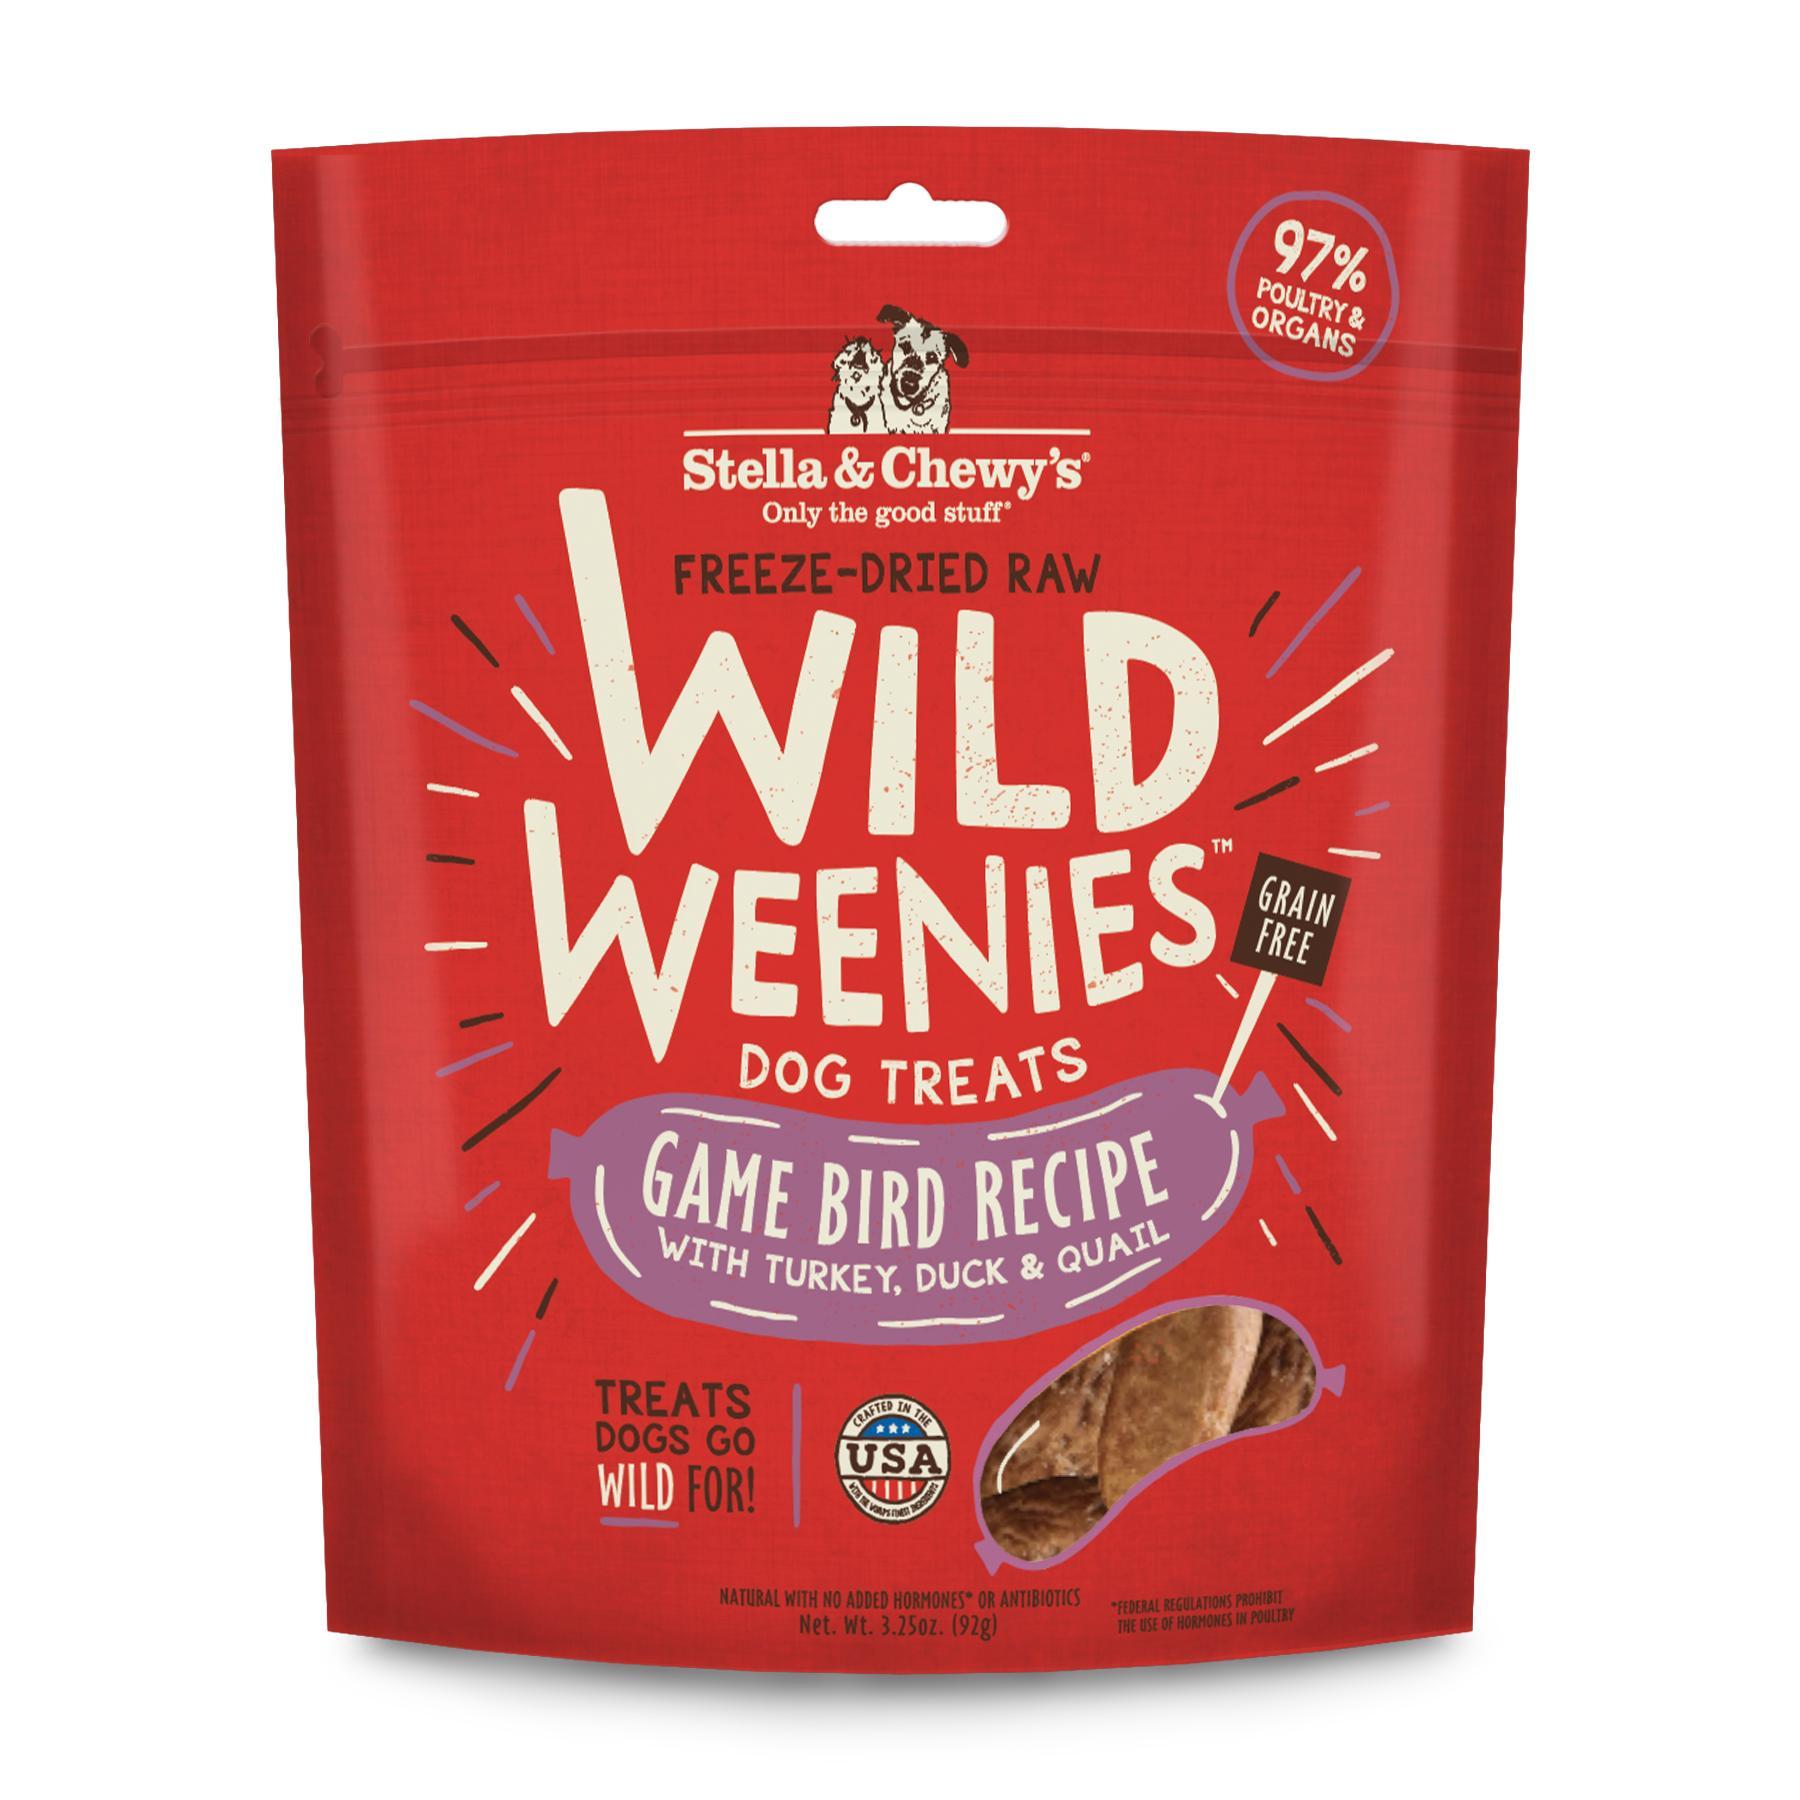 Stella & Chewy's Wild Weenies Game Bird Recipe Freeze-Dried Dog Treats, 3.25-oz (Size: 3.25-oz) Image